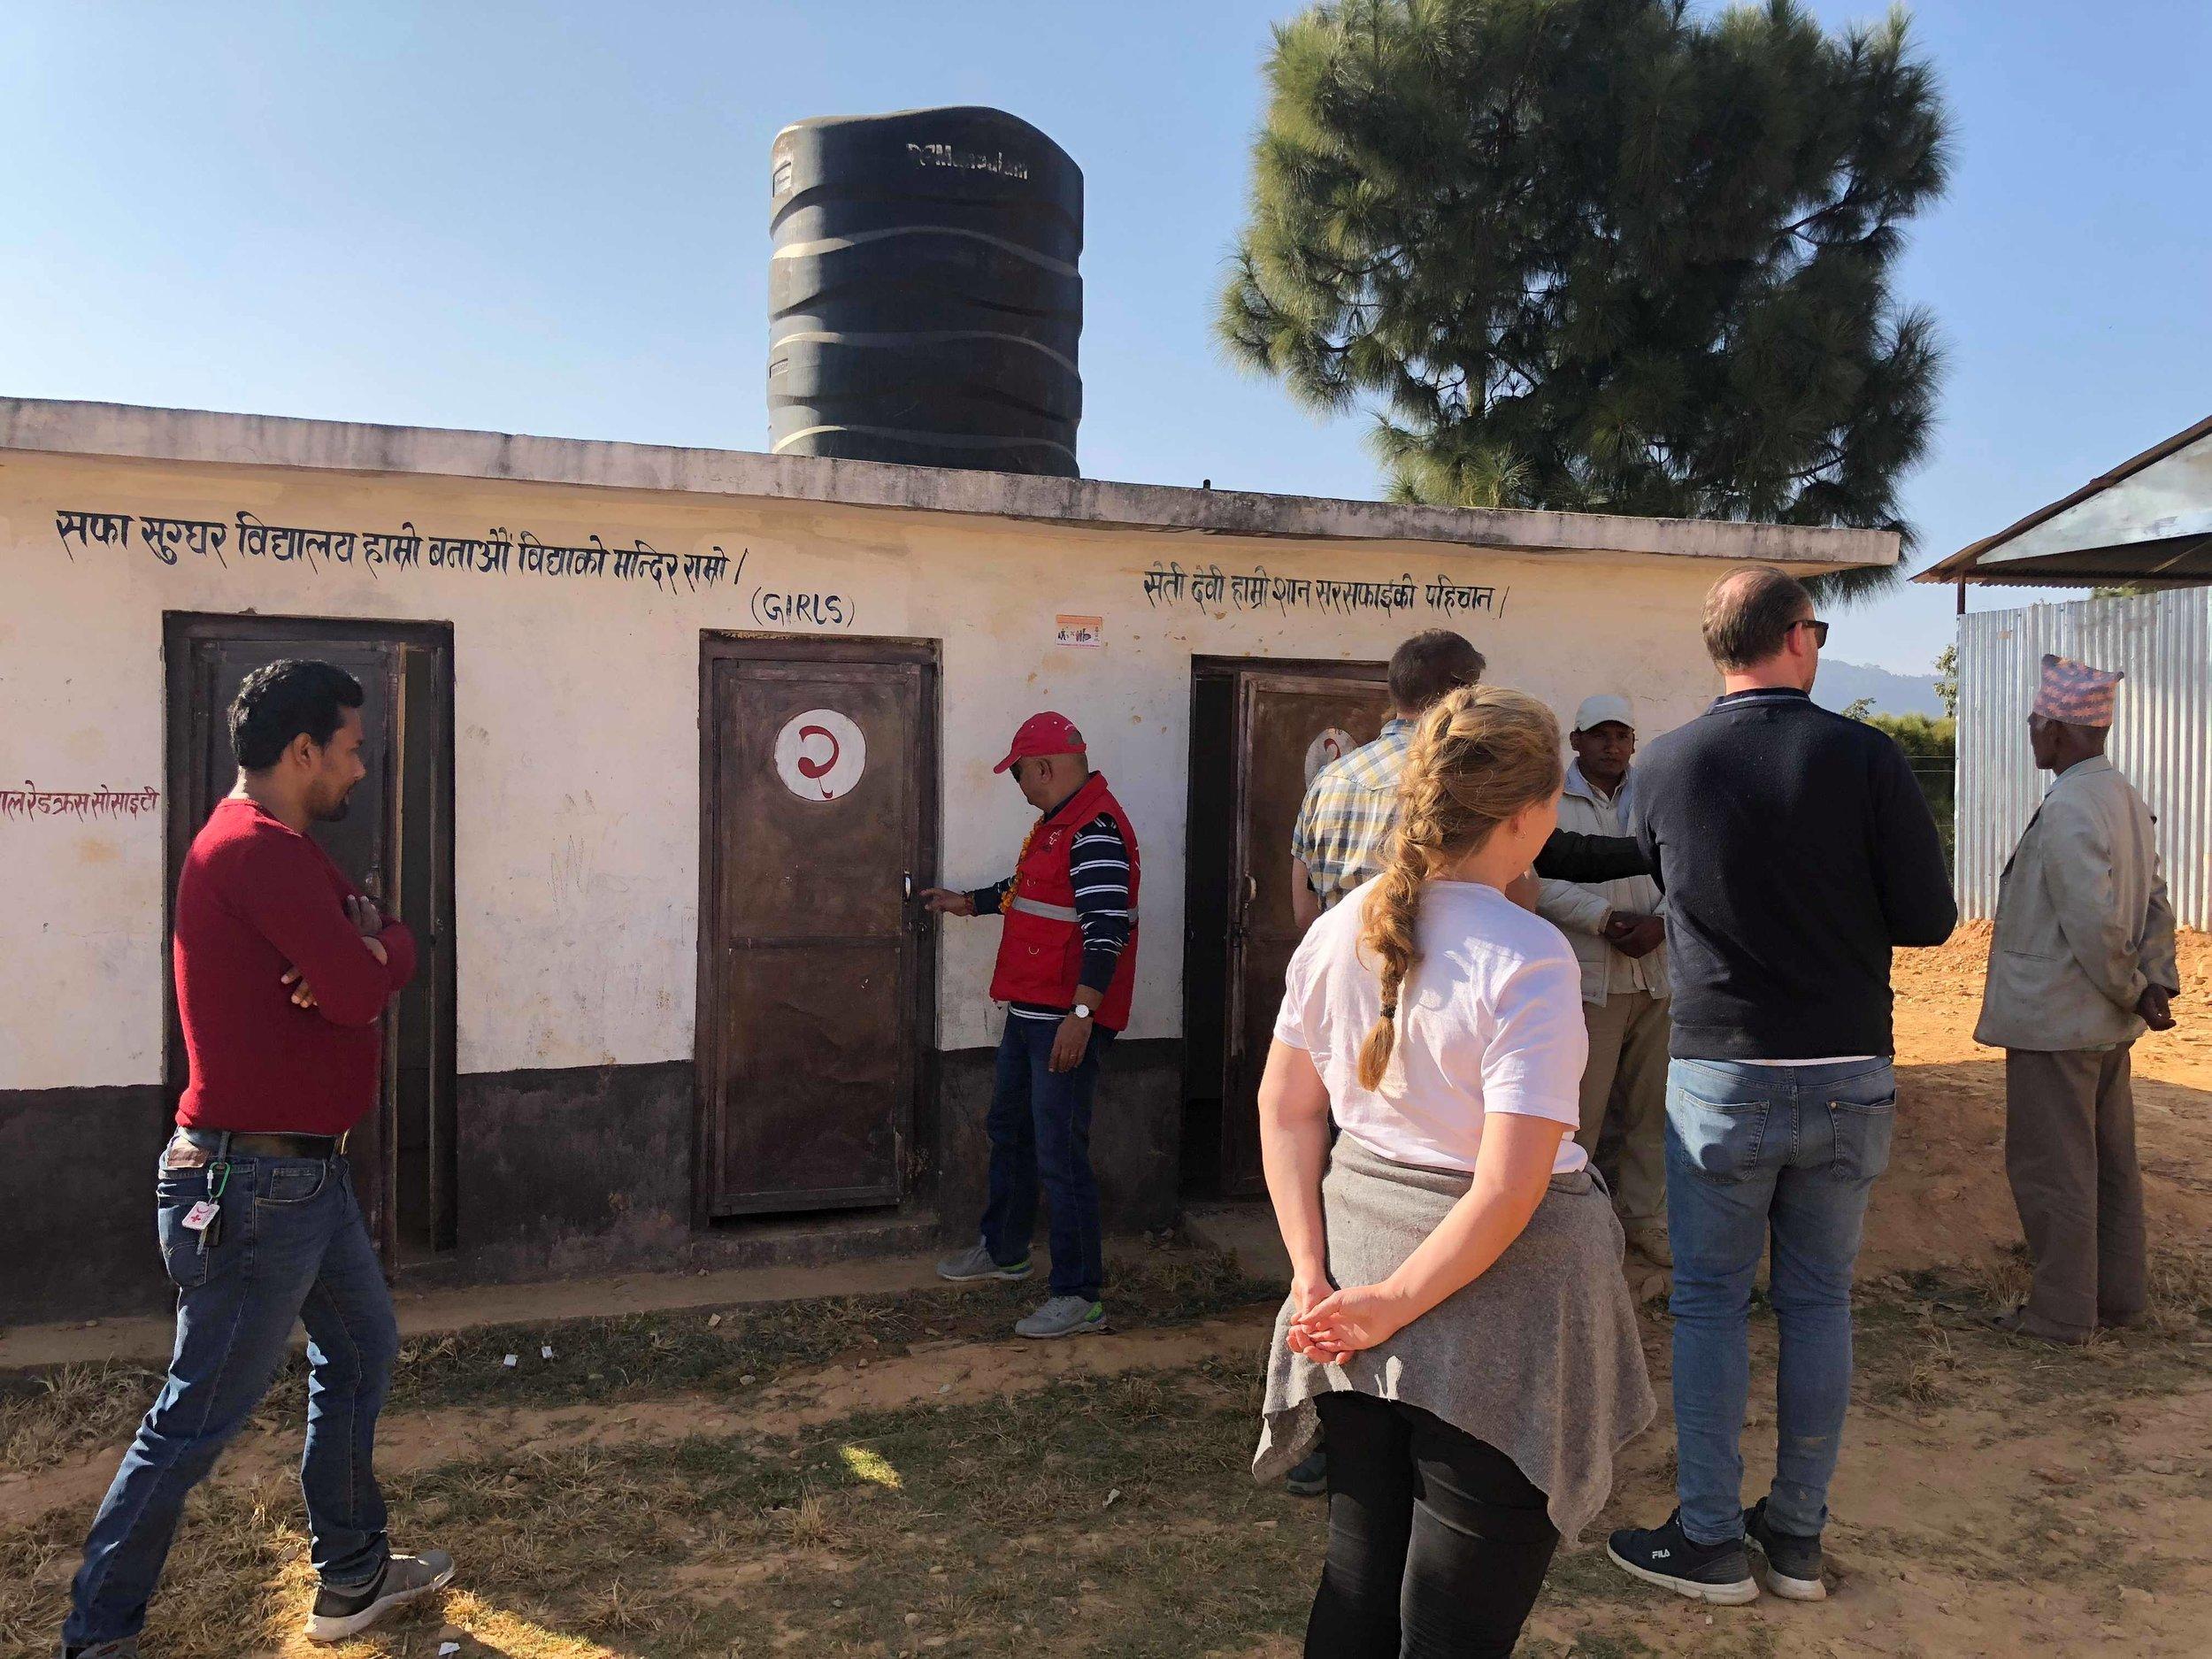 Child, gender and disability friendly toilet in primary school, Sindhupalchok Photo: Svanhild Gjeraker